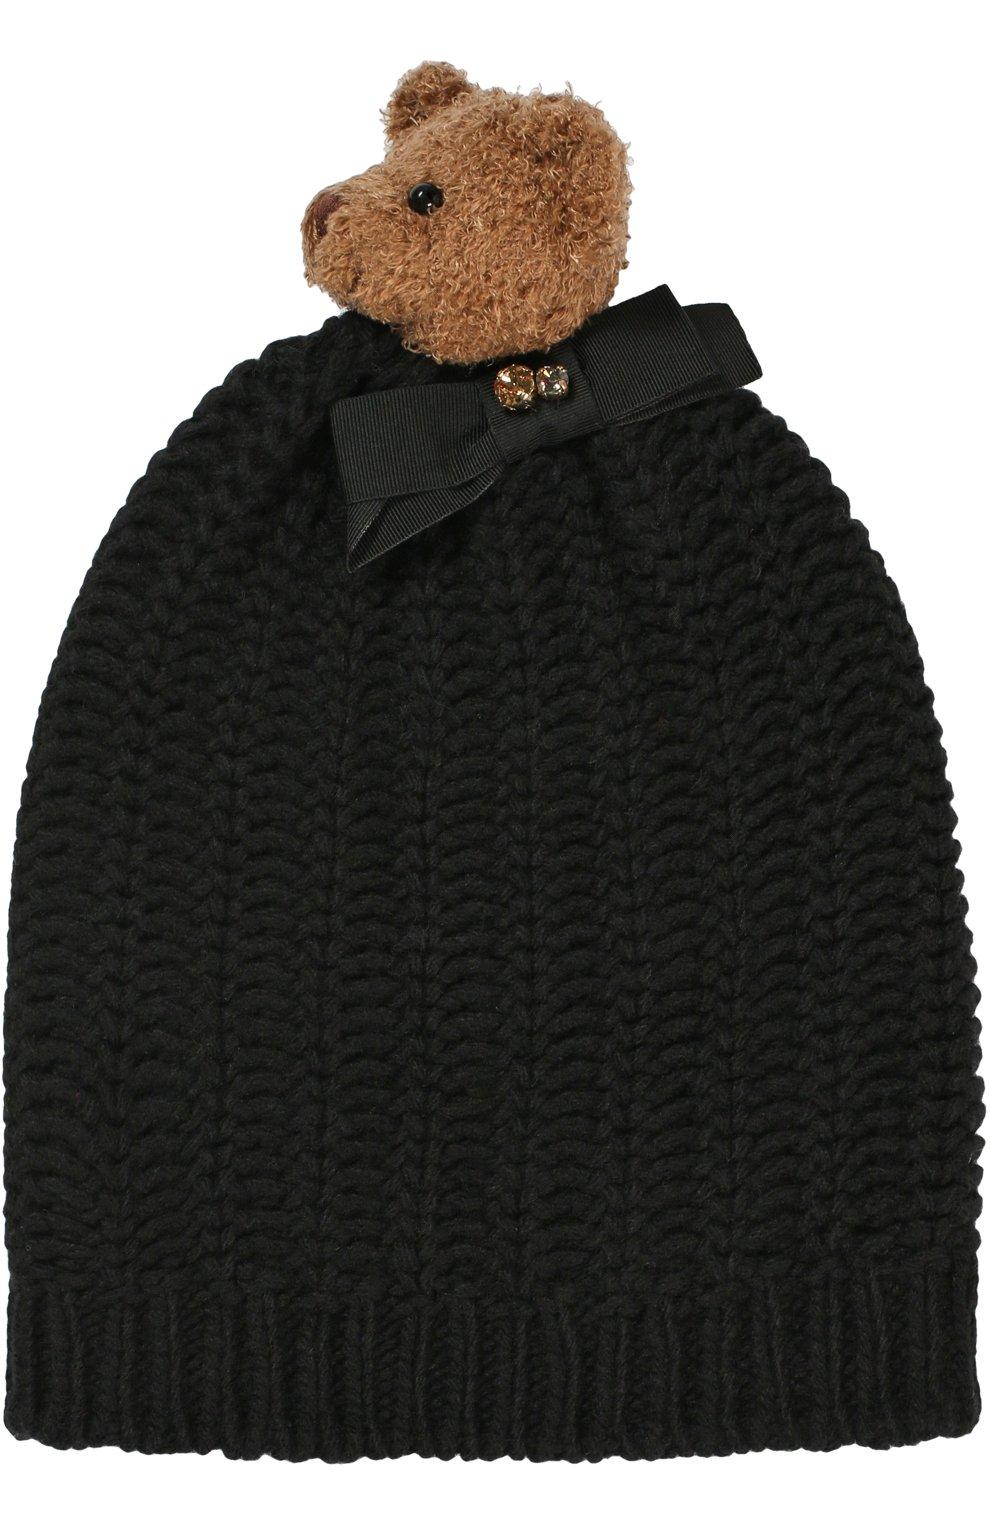 Шерстяная шапка с медведем и кристаллами Swarovski | Фото №1